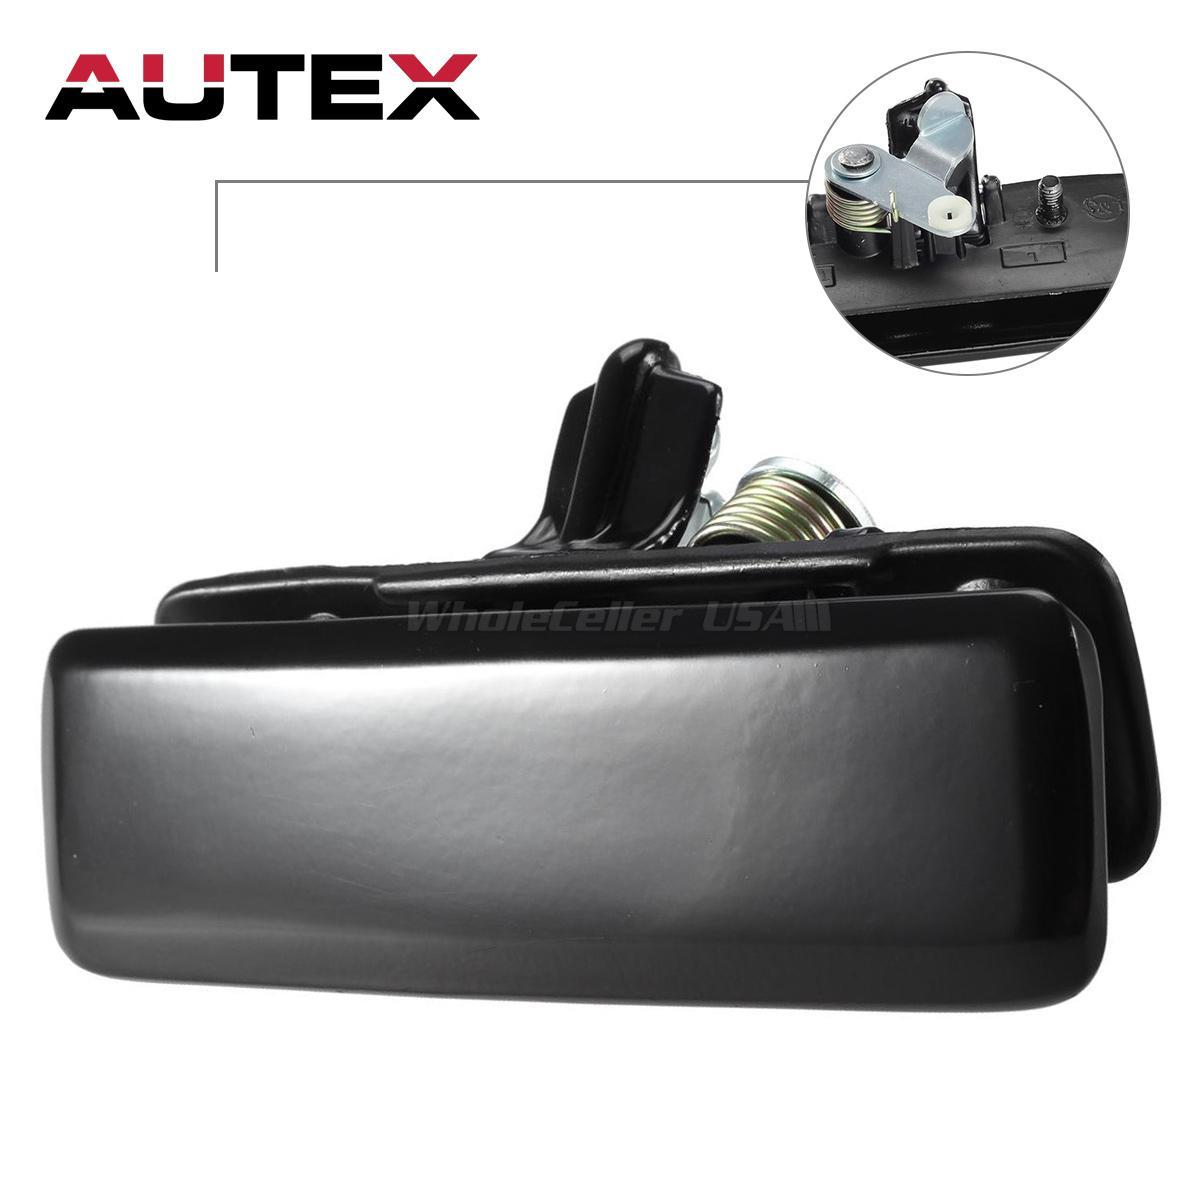 15719665 GM1310108 AUTEX Exterior Door Handle Front Left Driver Side Compatible with Chevrolet Astro,GMC Safari Van 1992-2005 77193